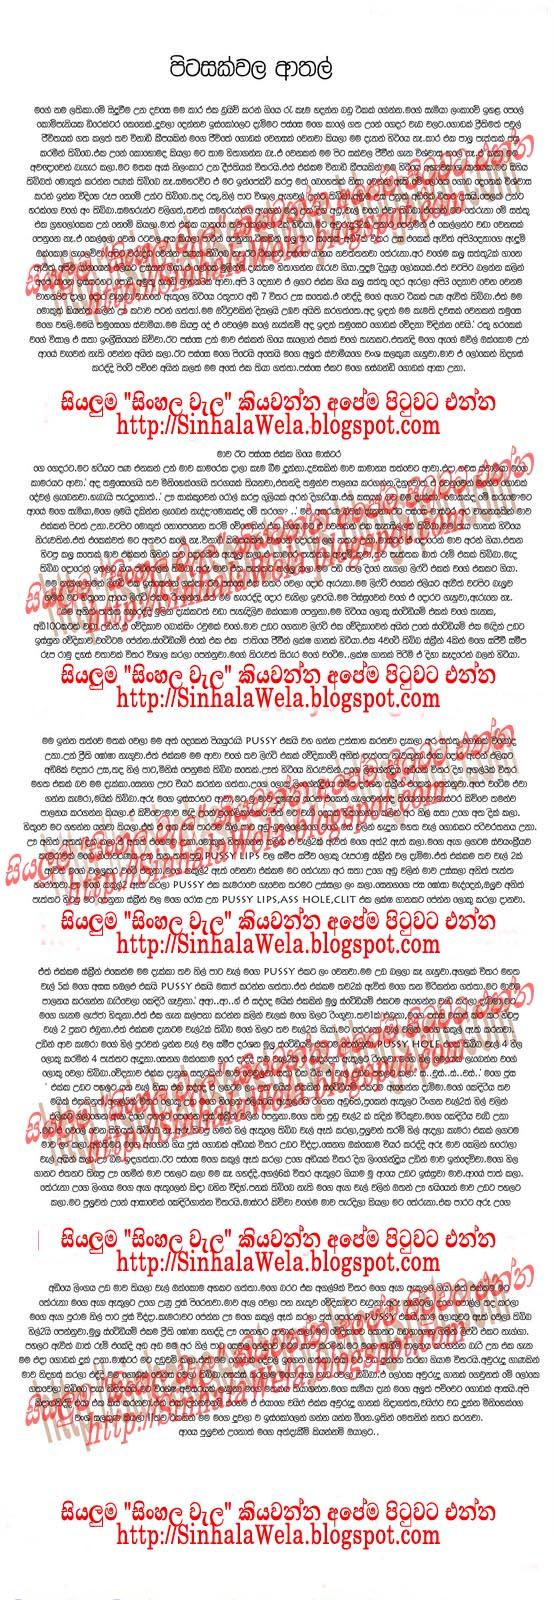 Kunuharupa Katha Sinhala Sinhalawela Blogspot Kr